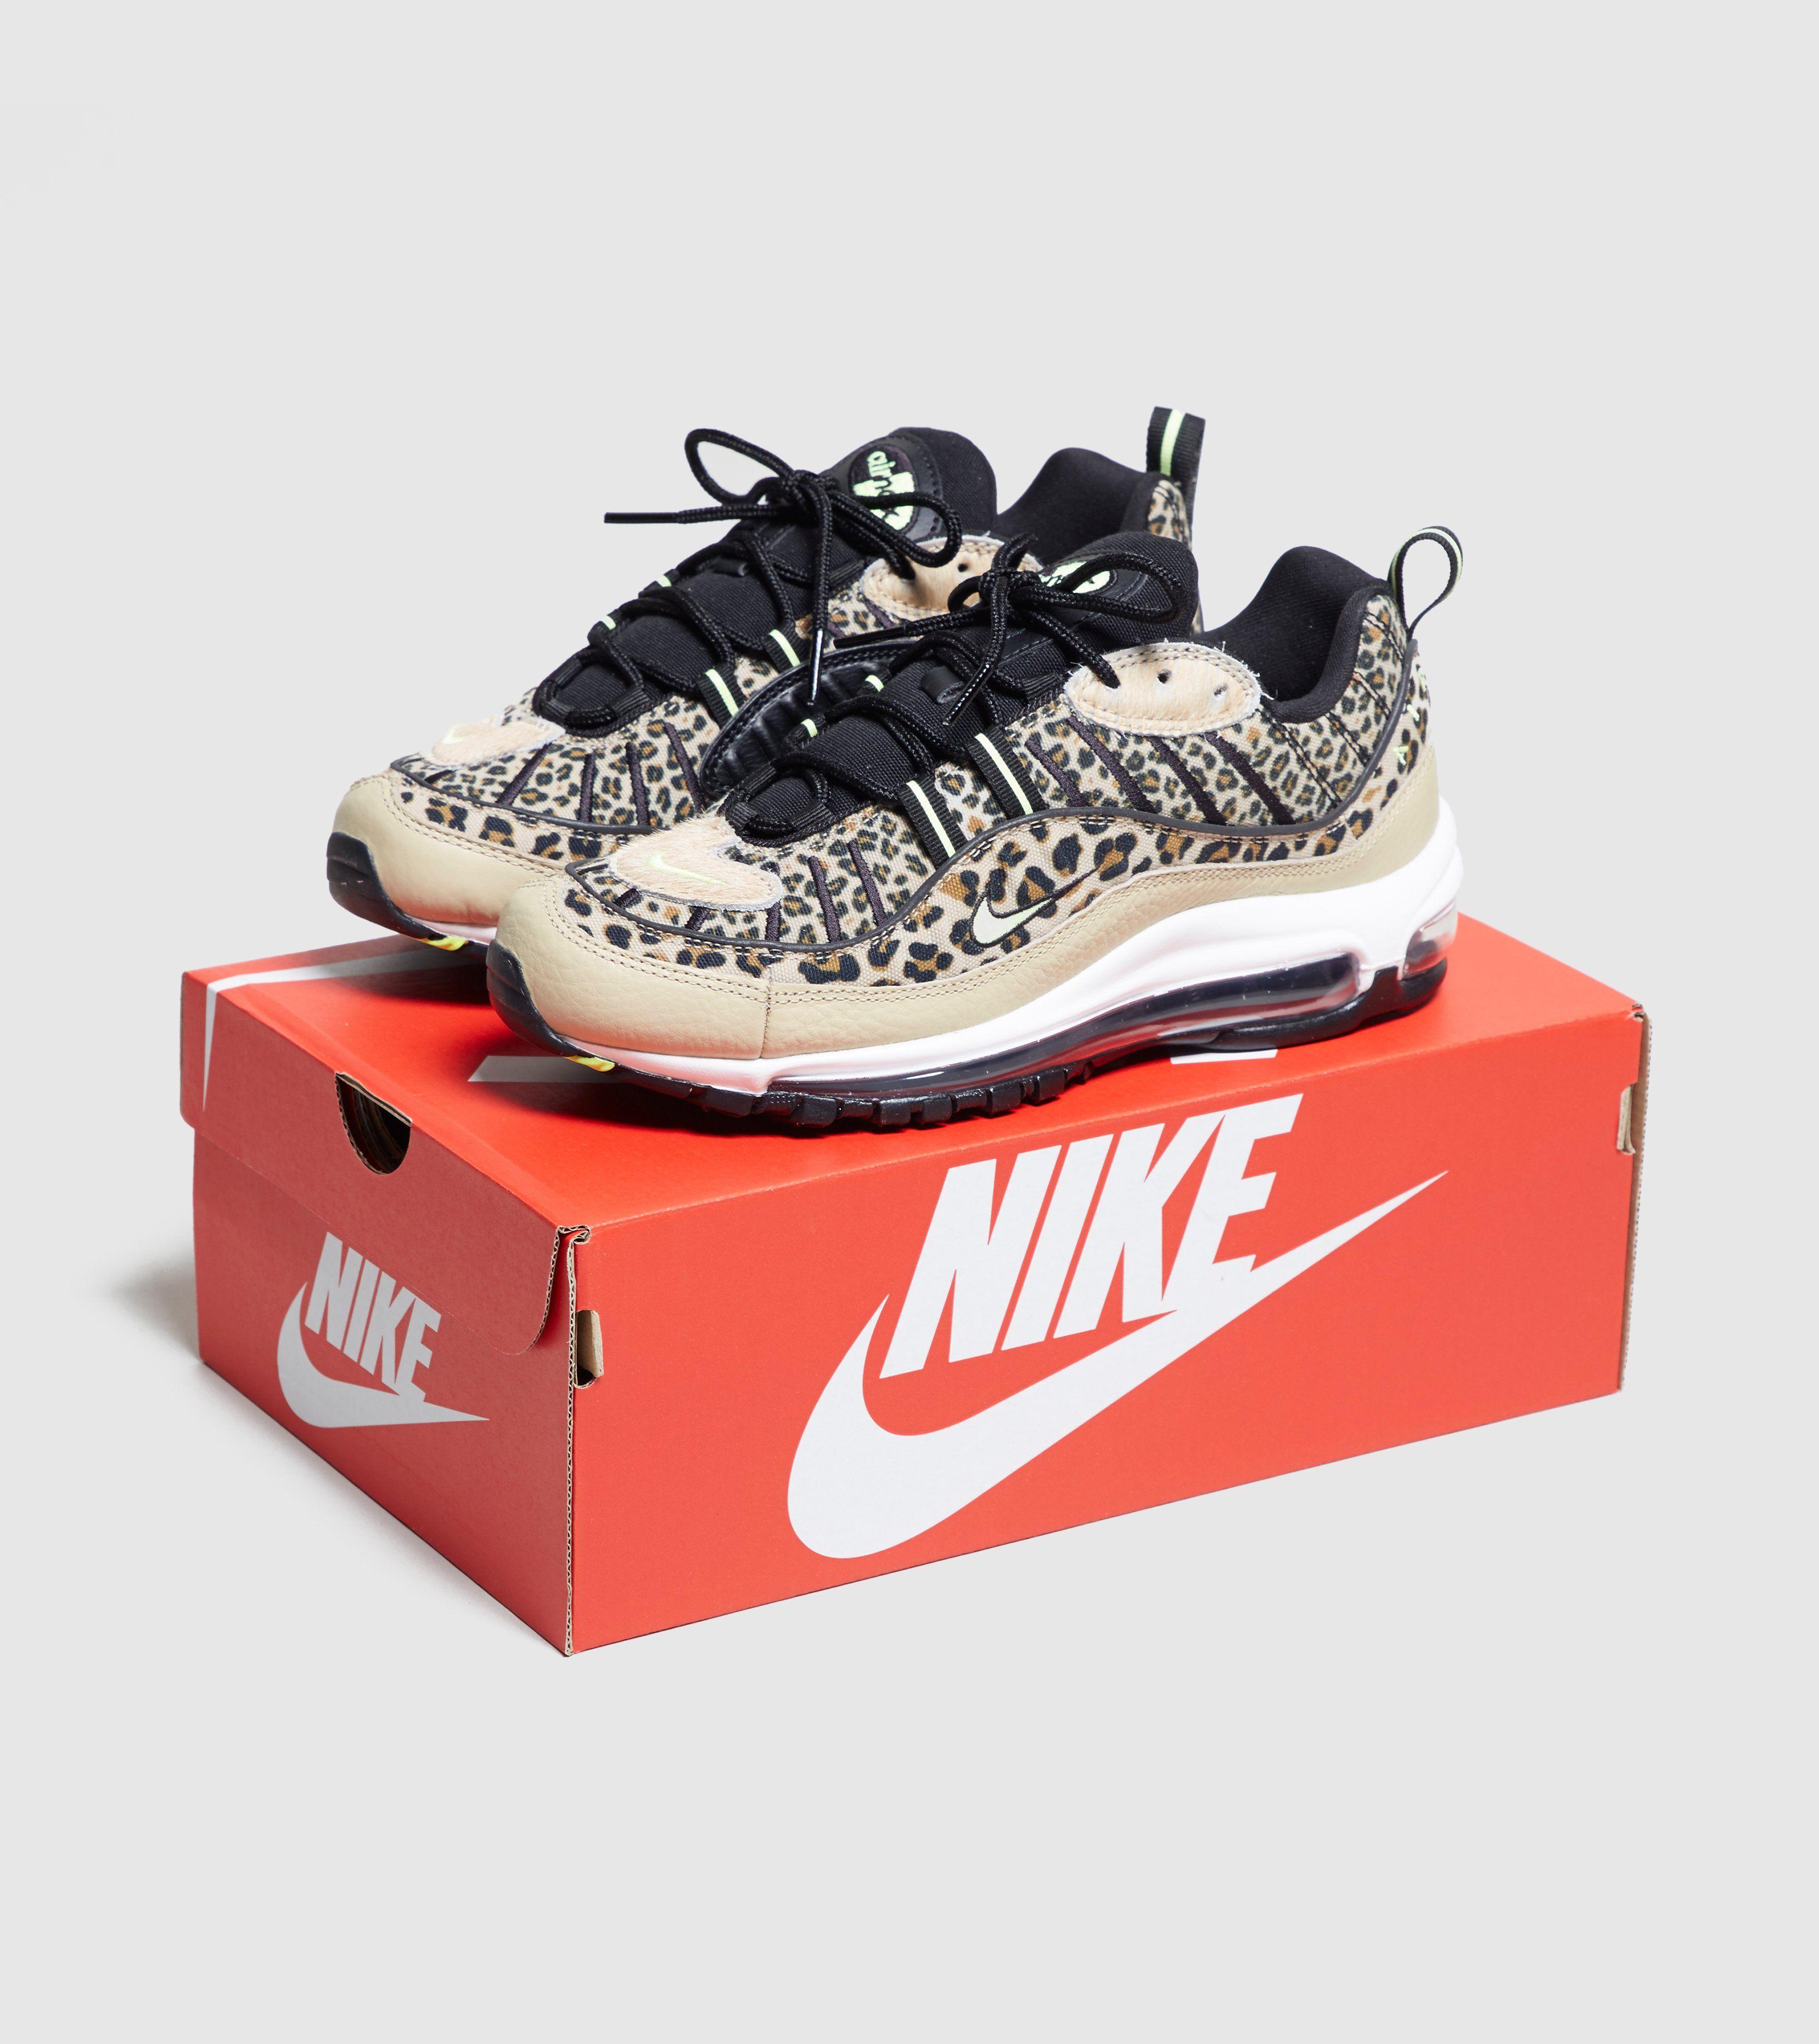 Nike Air Max 98 'Leopard' Frauen